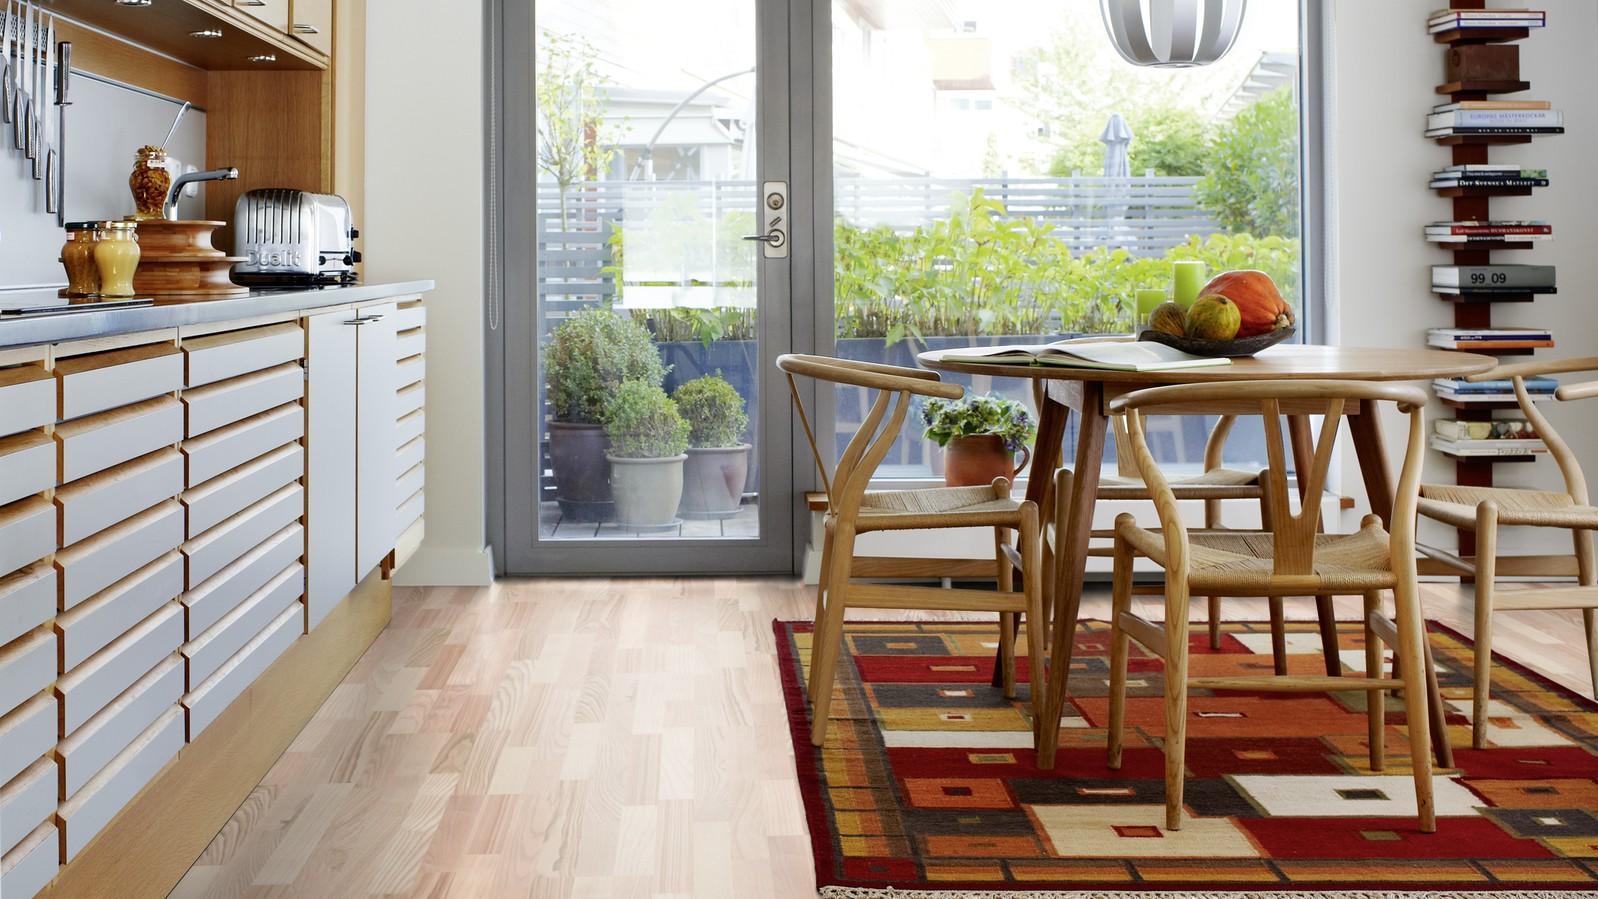 Ламинат нордический ясень в интерьере кухни